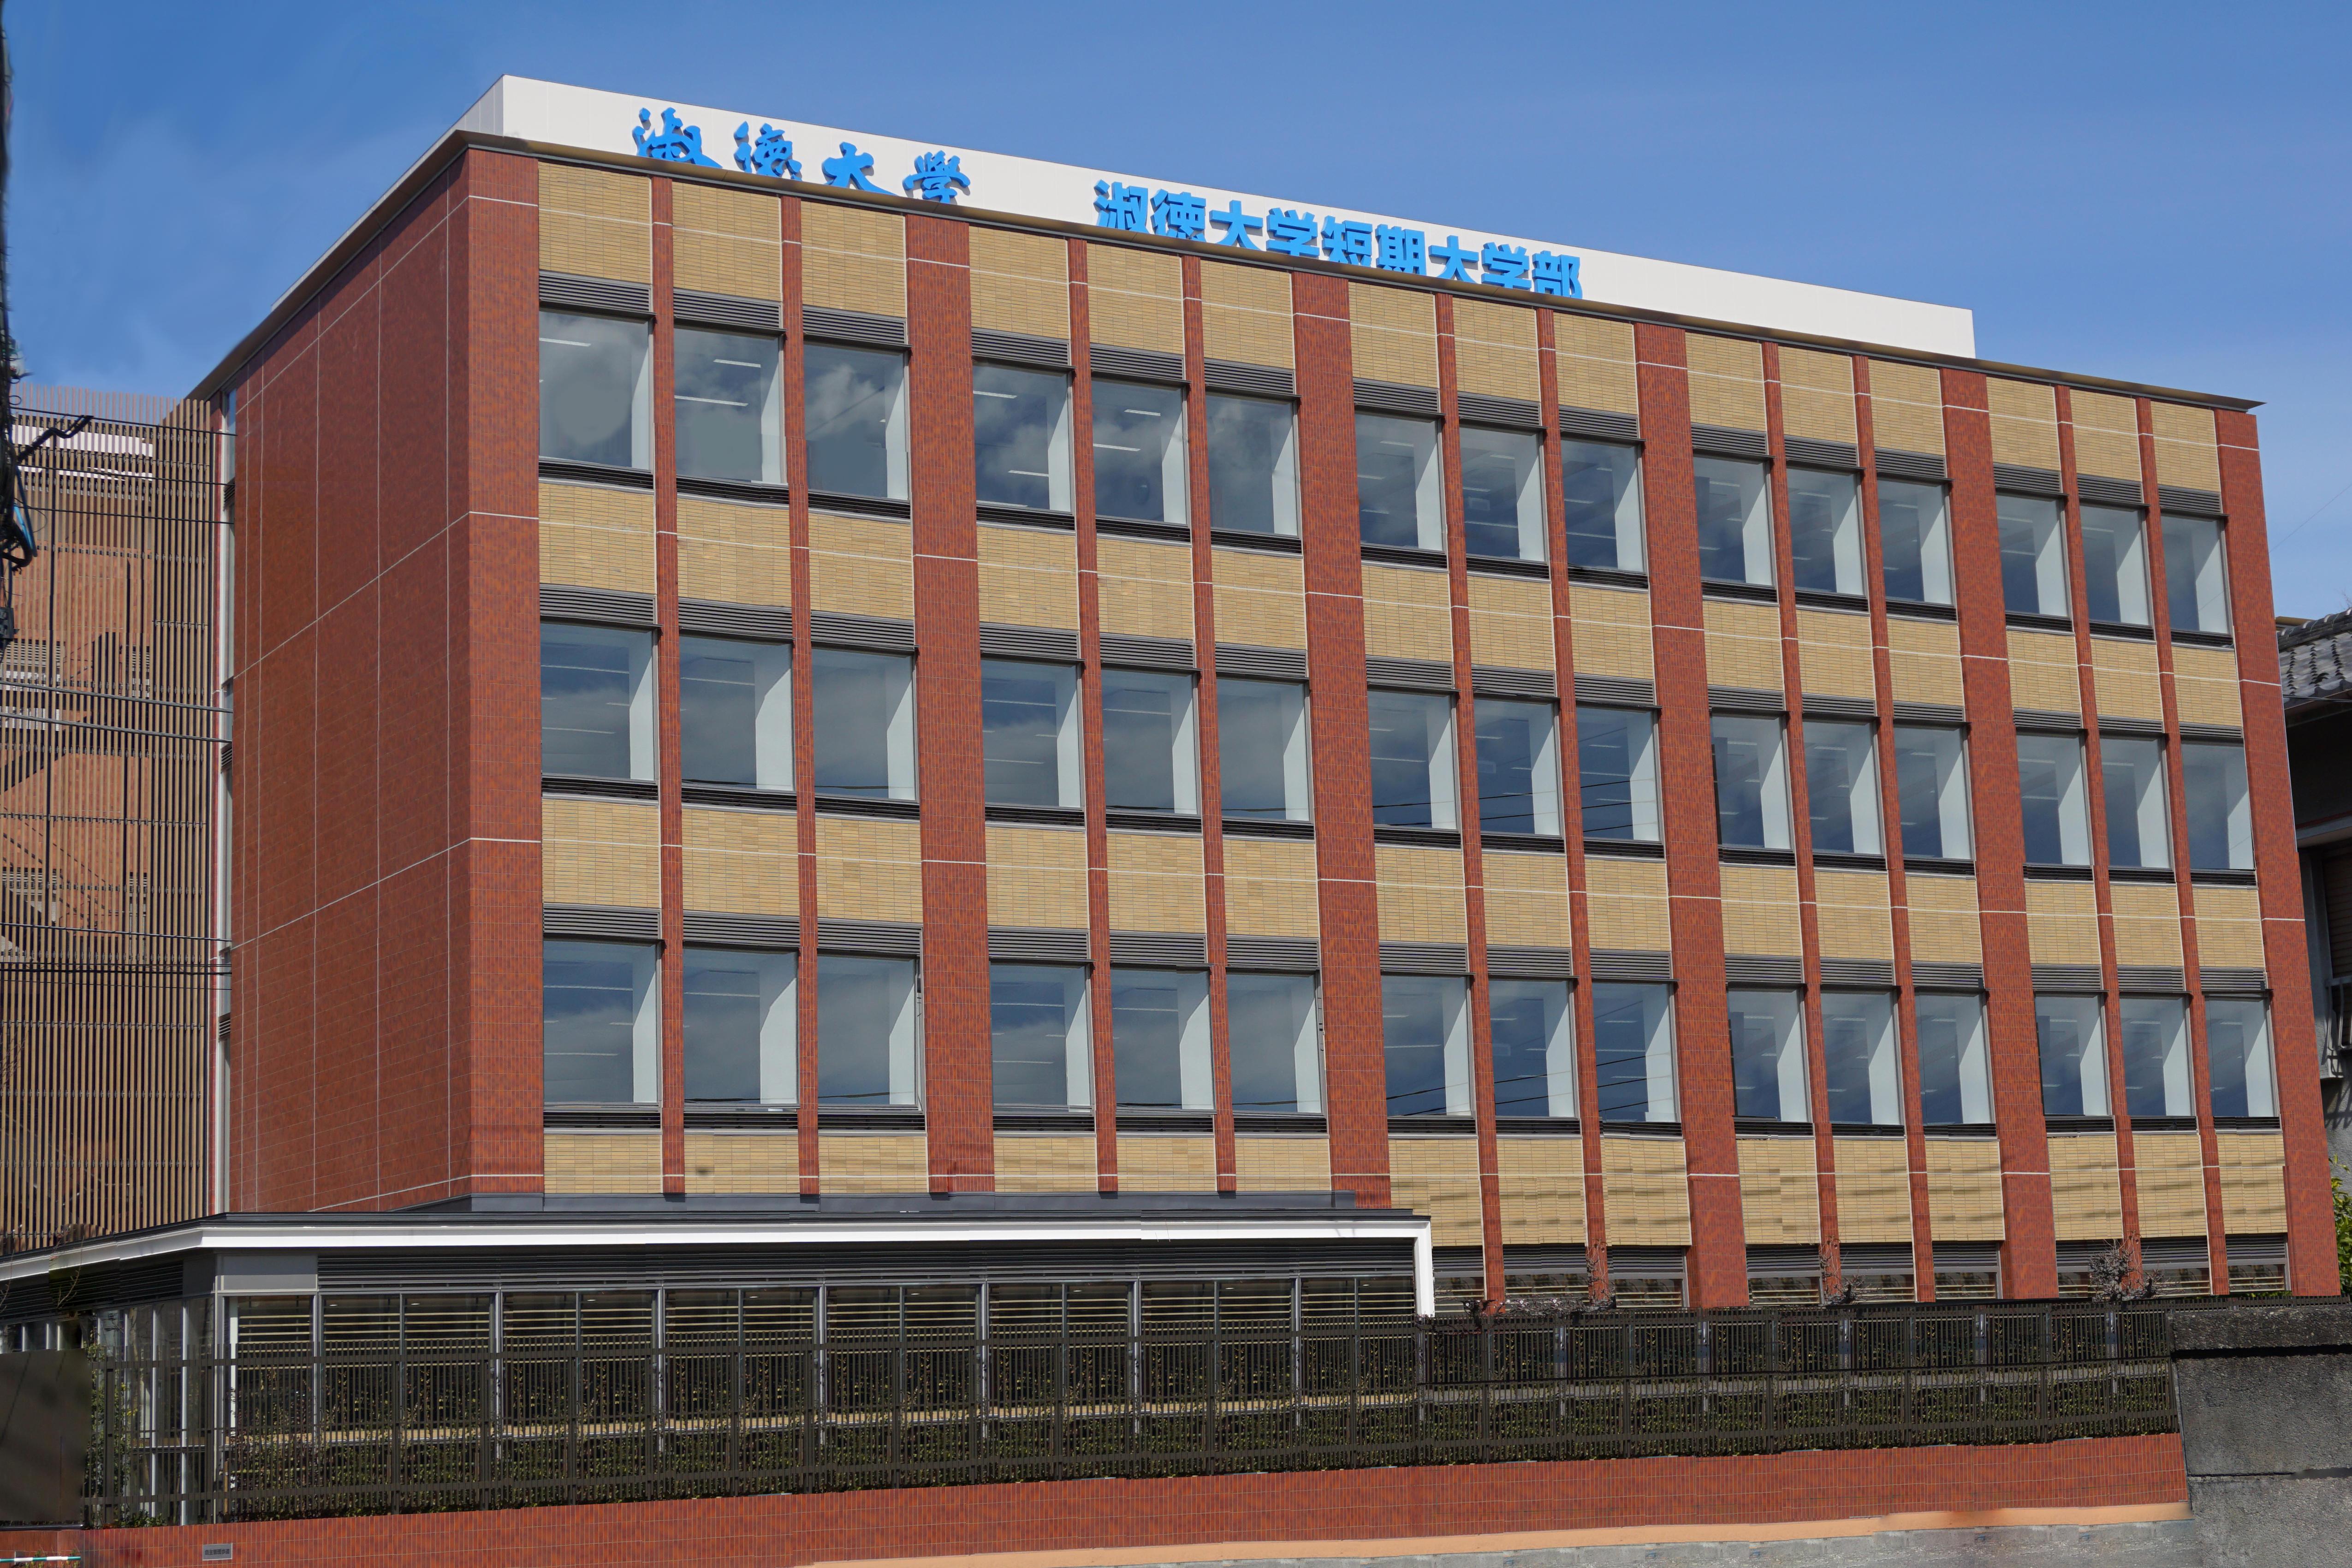 淑徳大学東京キャンパスの新校舎(6号館)が3月に完成 -- 「新しいコミュニケーションの場」をコンセプトに